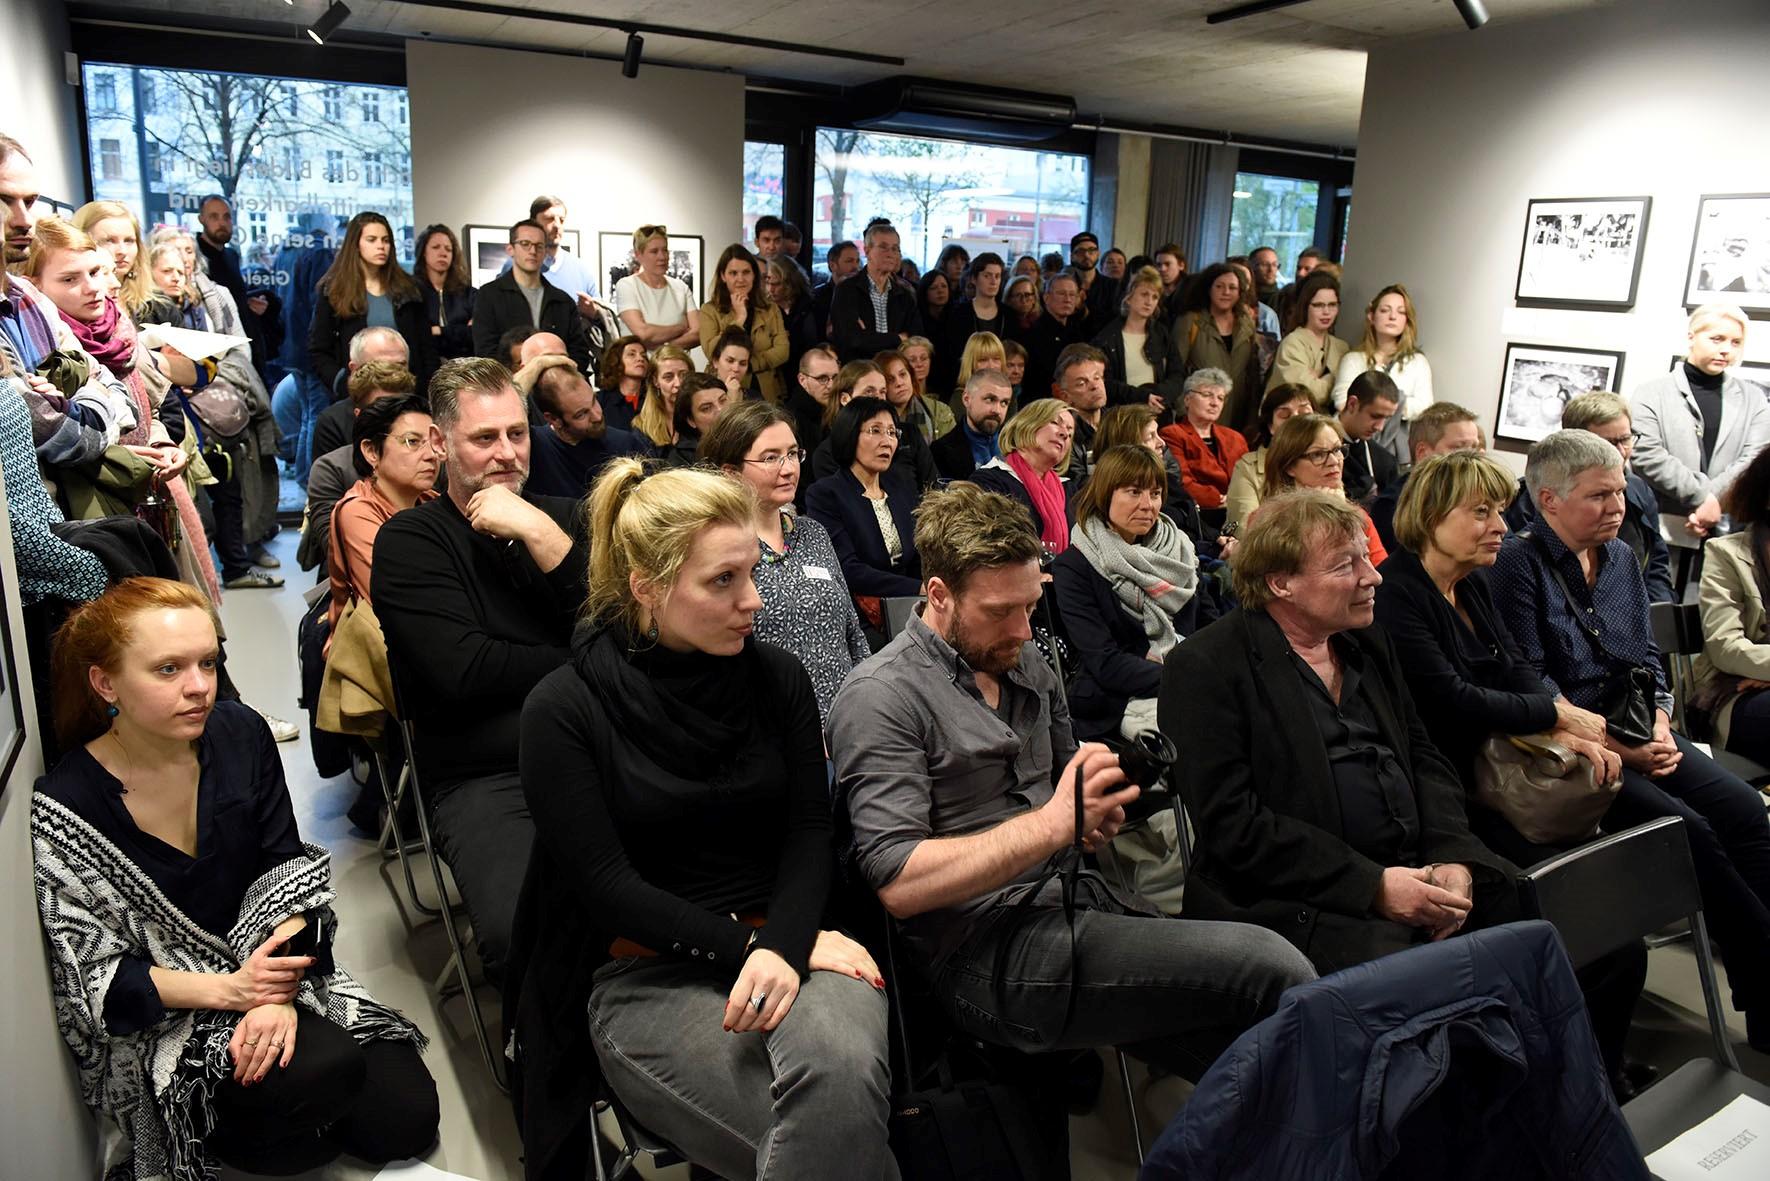 Publikum der Veranstaltung. Der Raum ist gut gefüllt, einige Personen stehen hinter und seitlich der Bestuhlung.